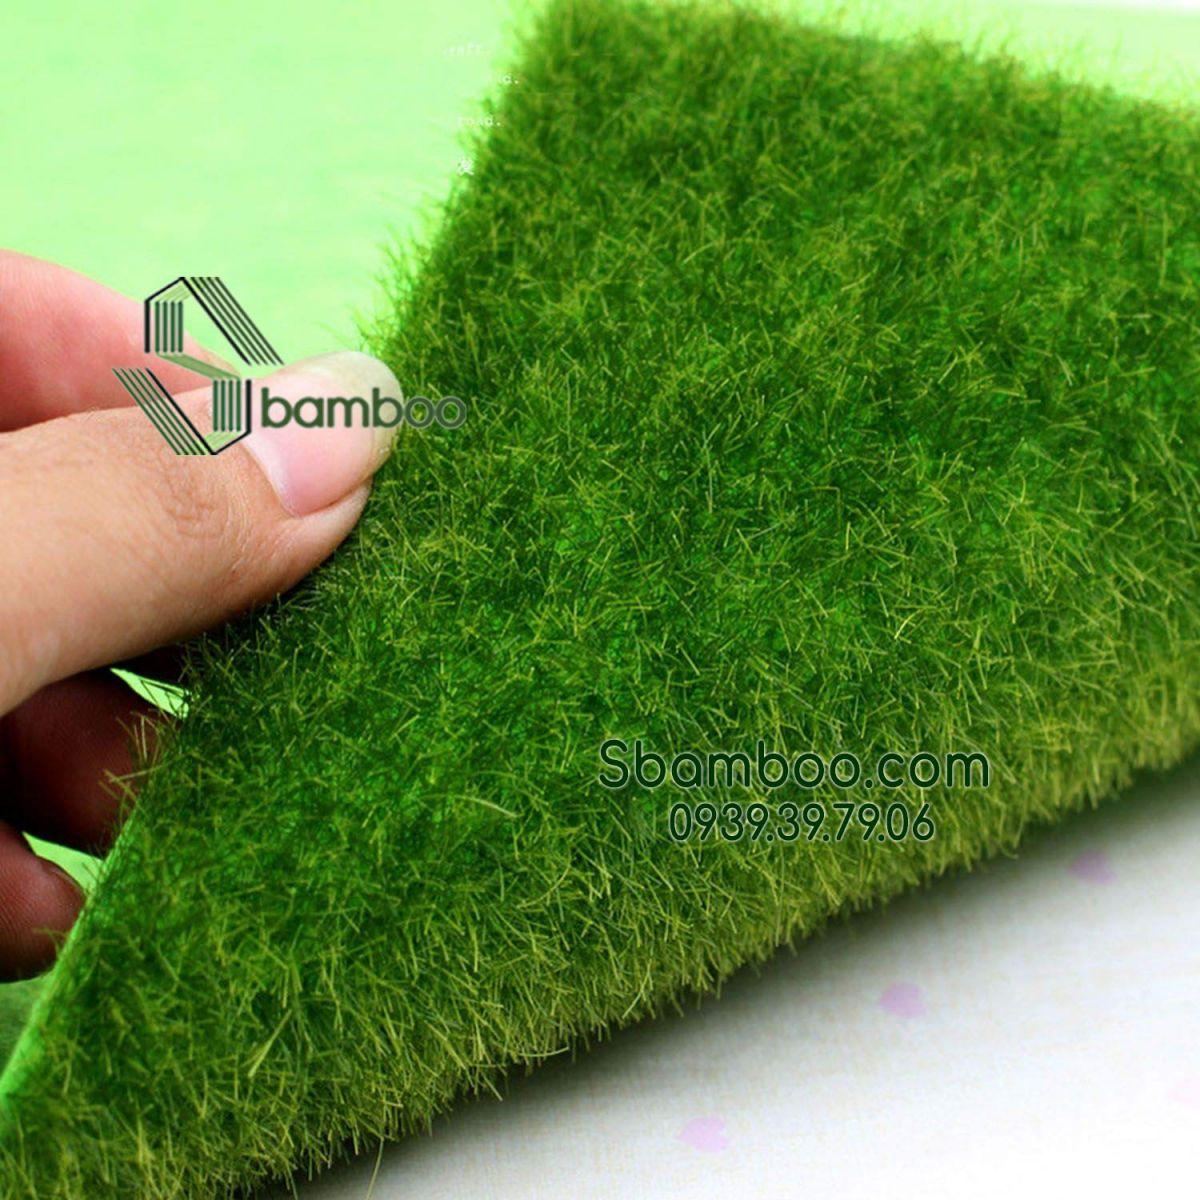 Thảm cỏ nhân tạo, cỏ giả trang trí sân vườn tiểu cảnh 15*15 cm (1 tấm)